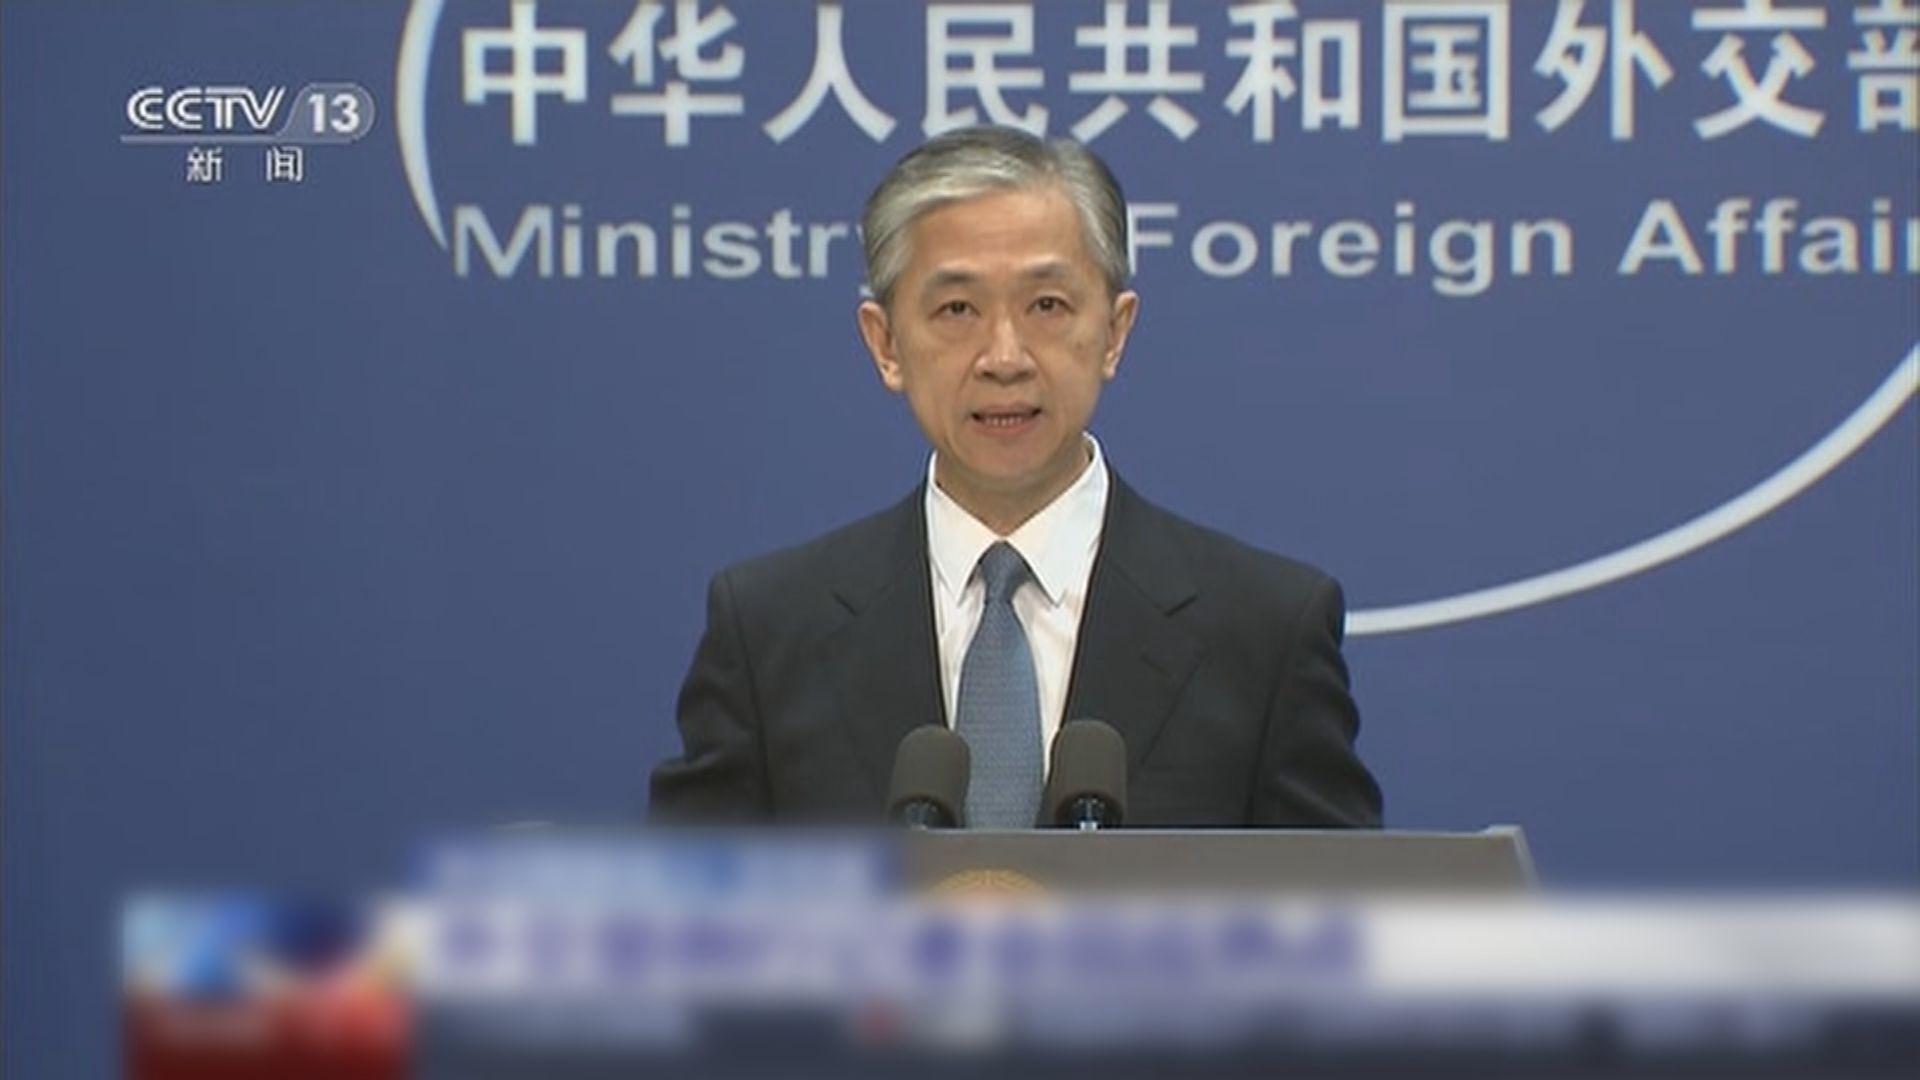 外交部:新西蘭粗暴干涉中國內政